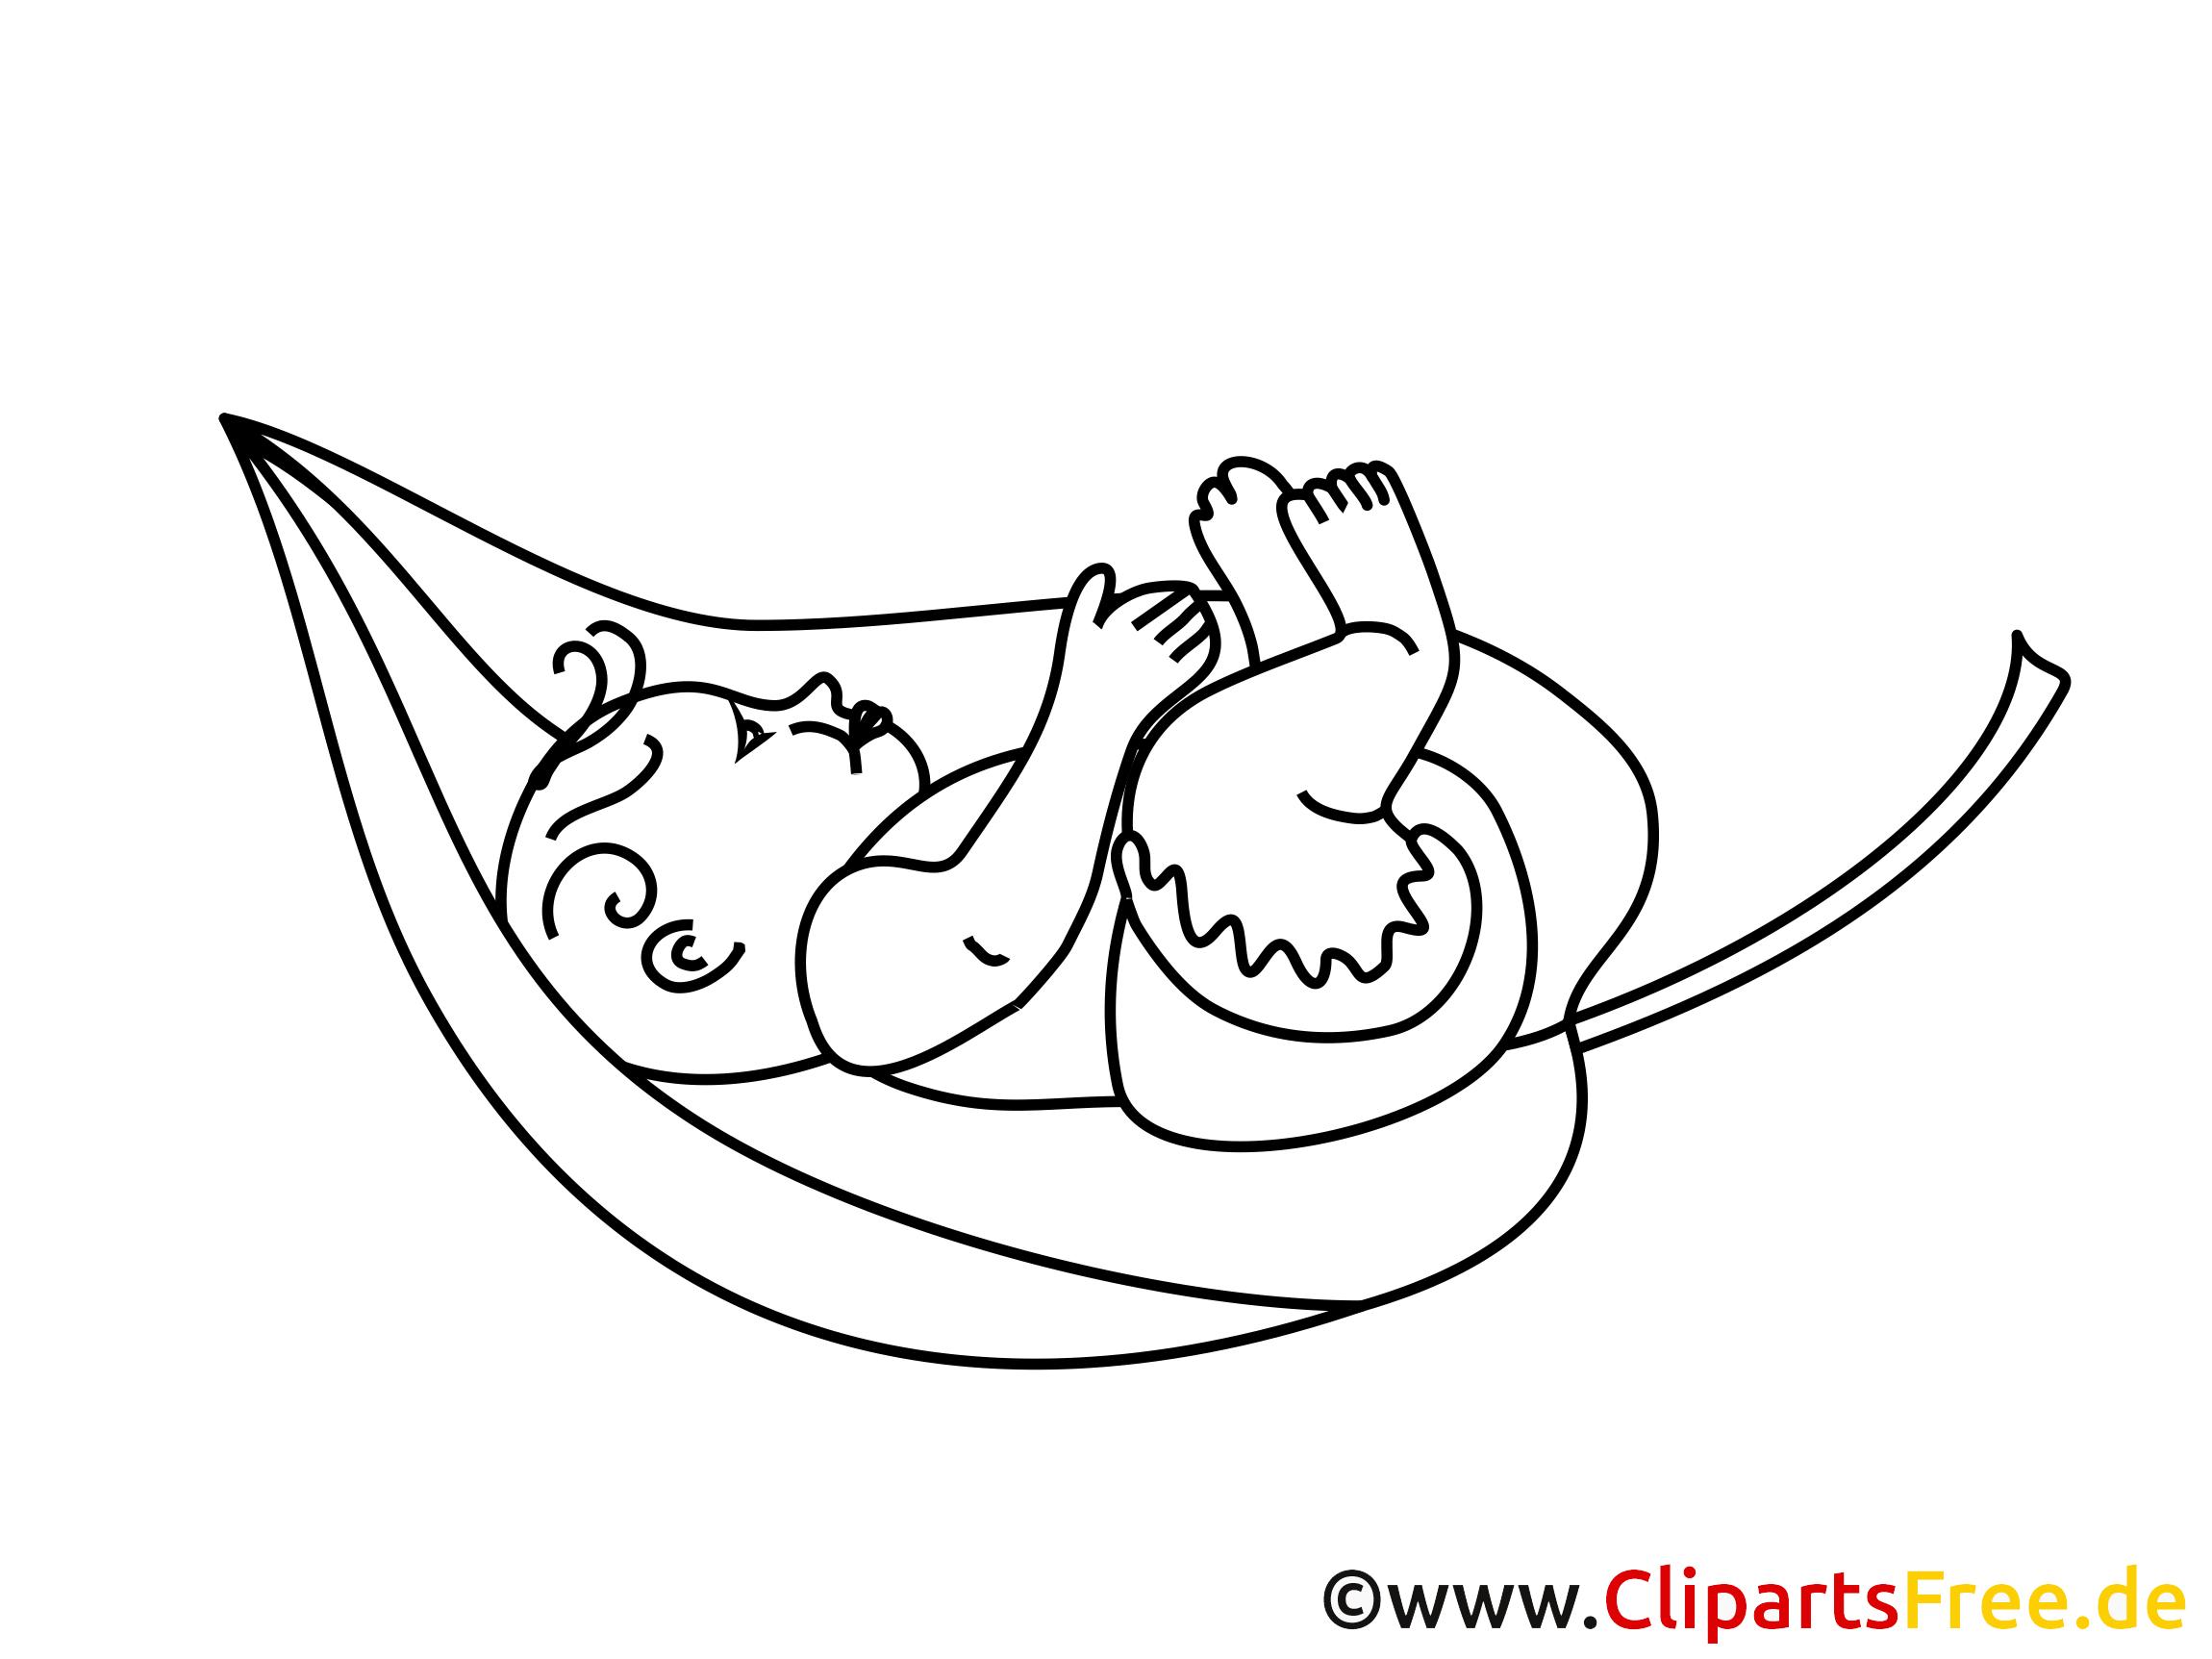 kostenloses ausmalbild baby auf dem baumblatt